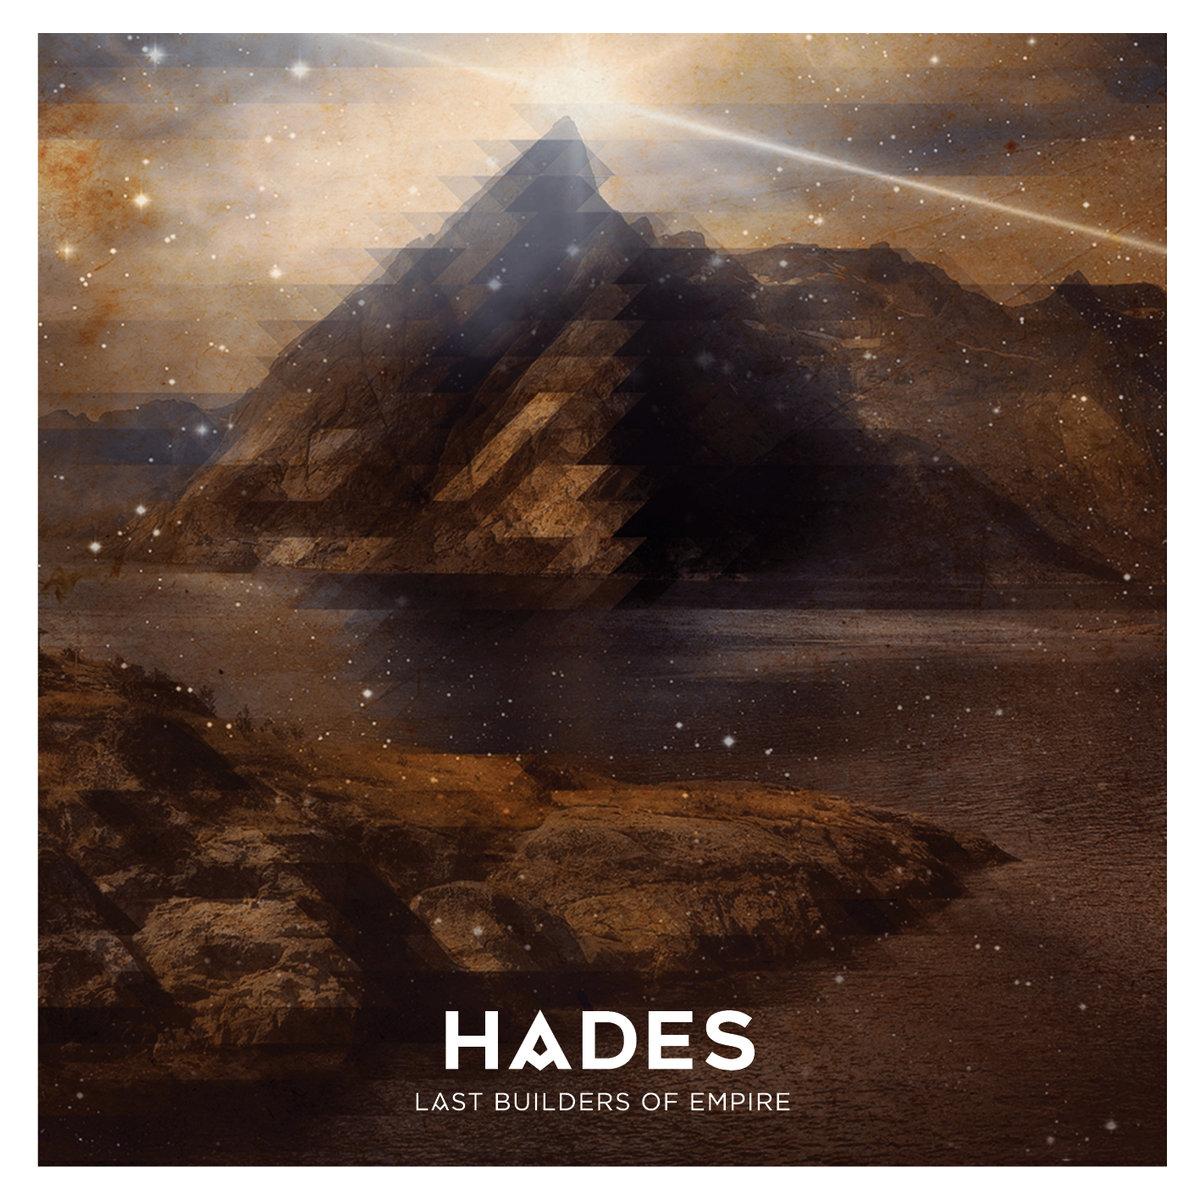 Last Builders Of Empire - Άͅδης | Hades